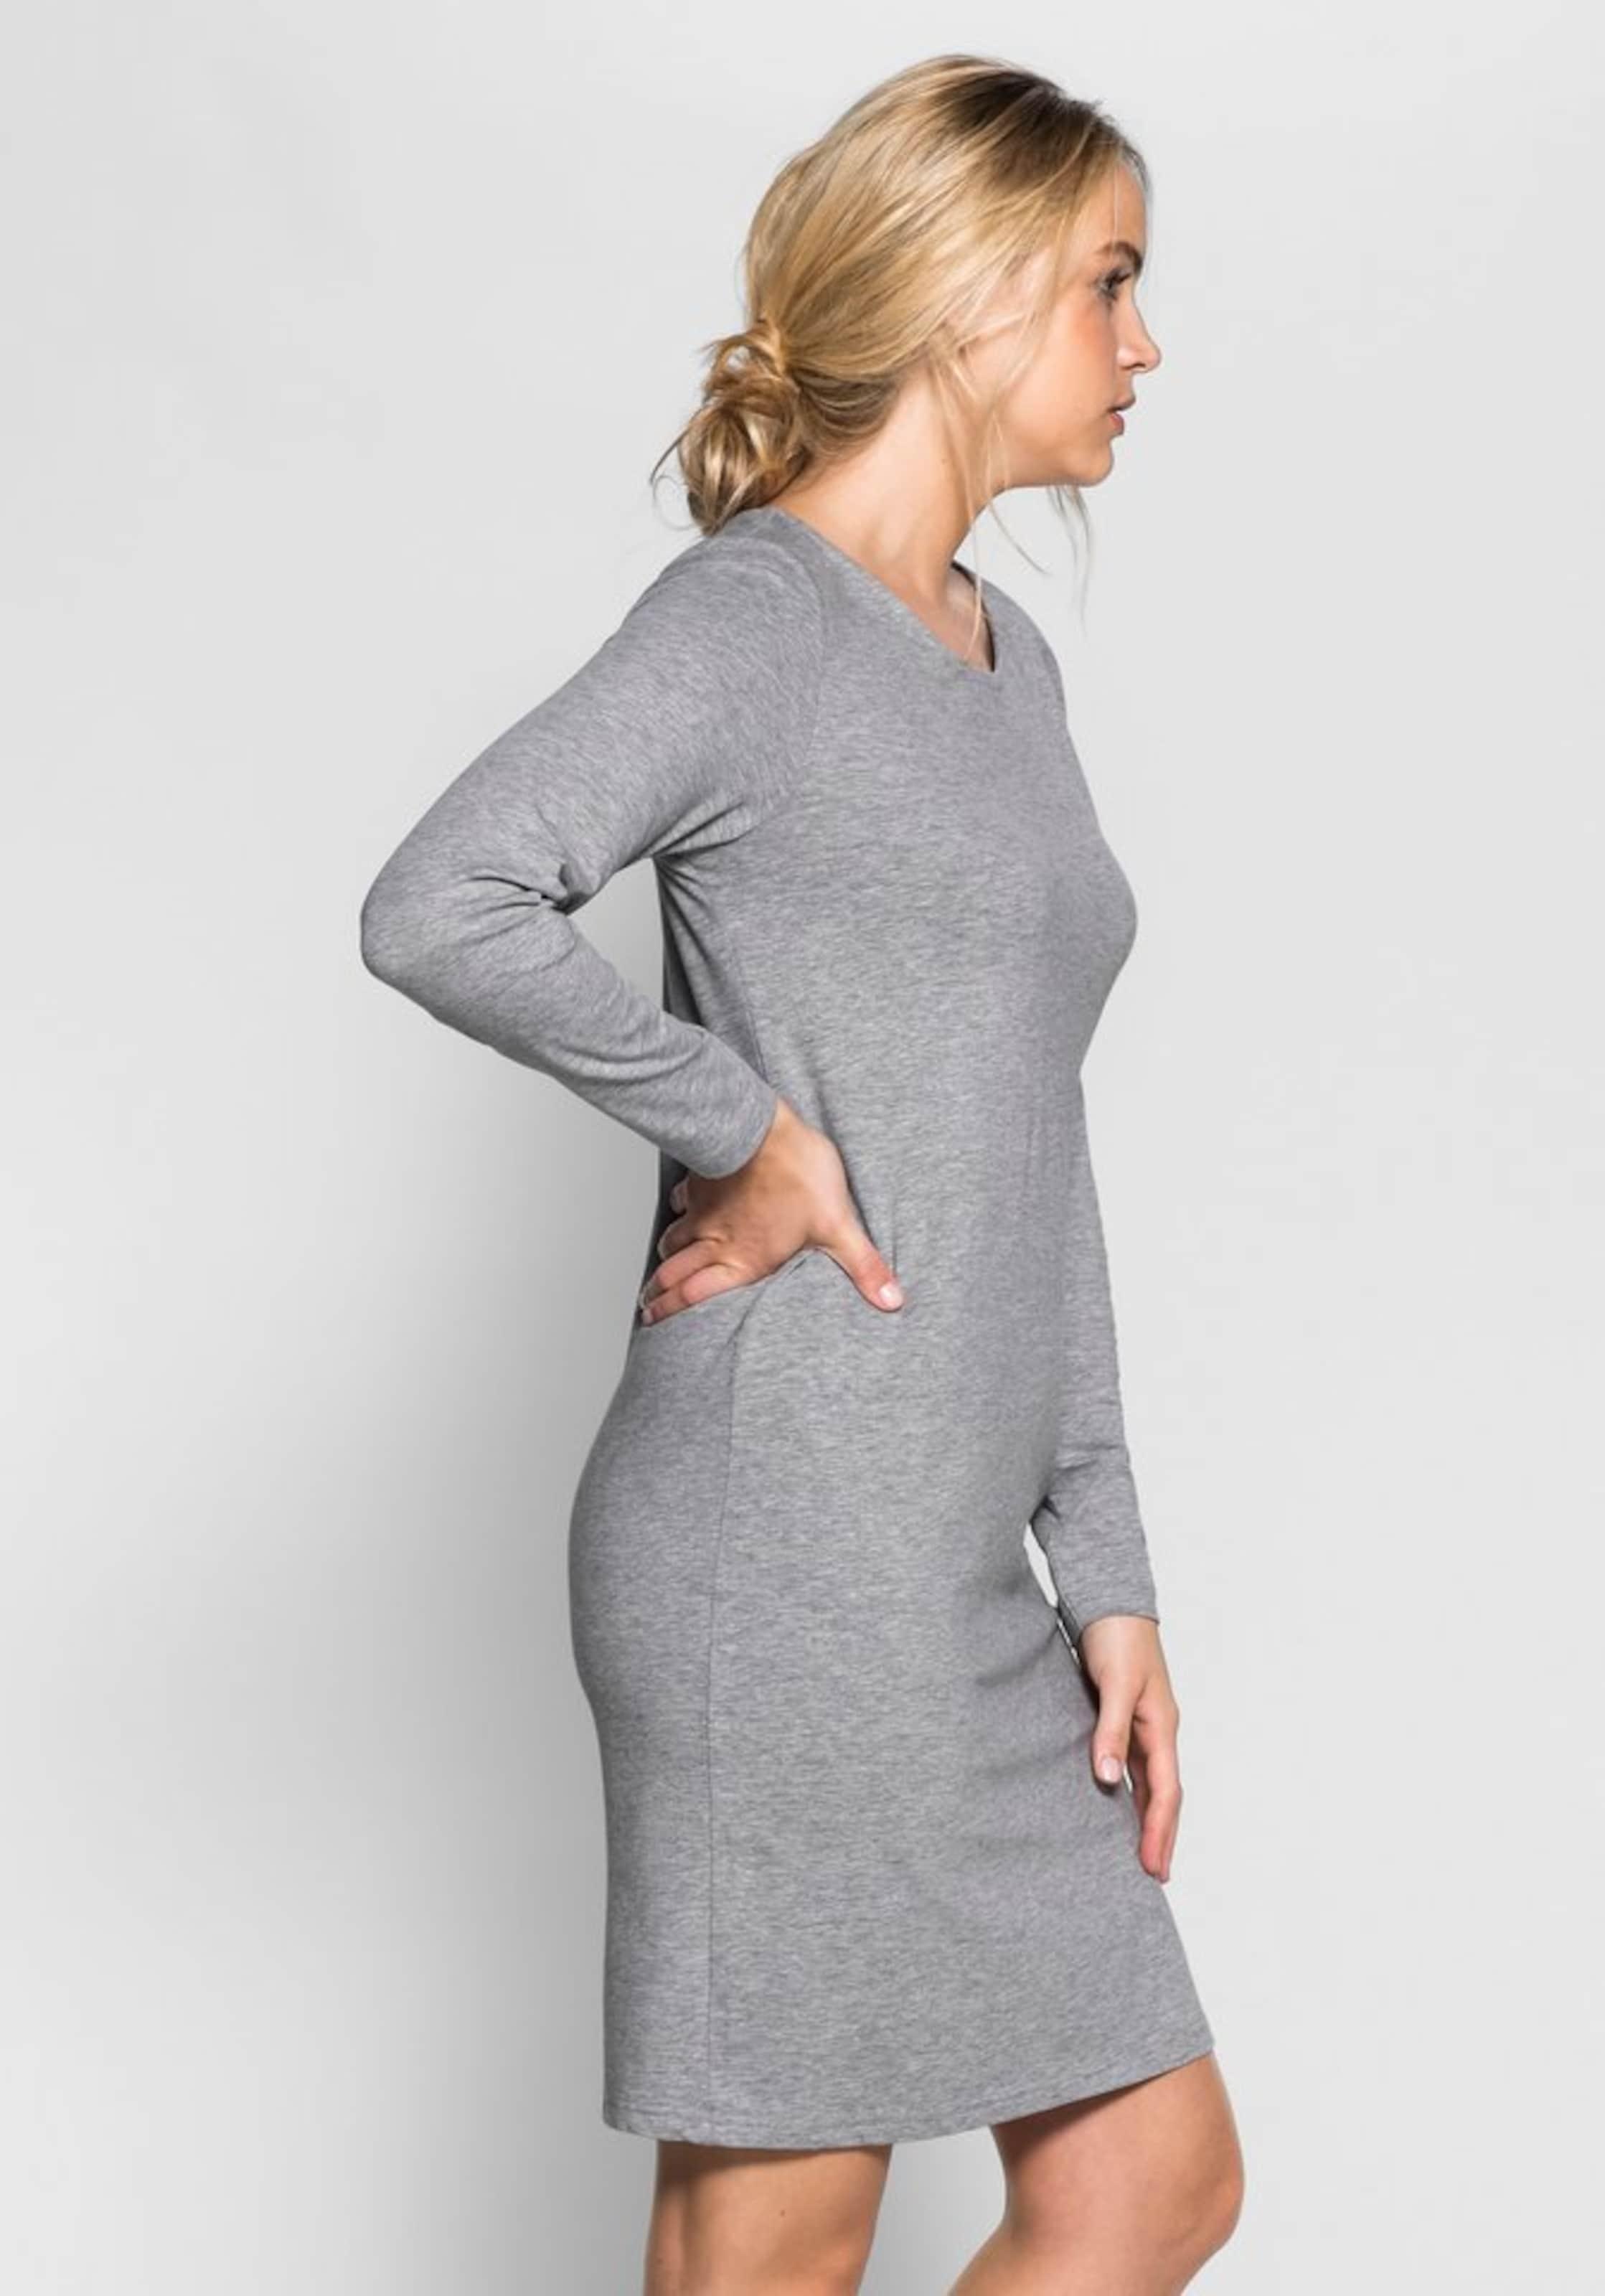 Kleid Basic Grau Casual In Sheego QWrdxoBCe